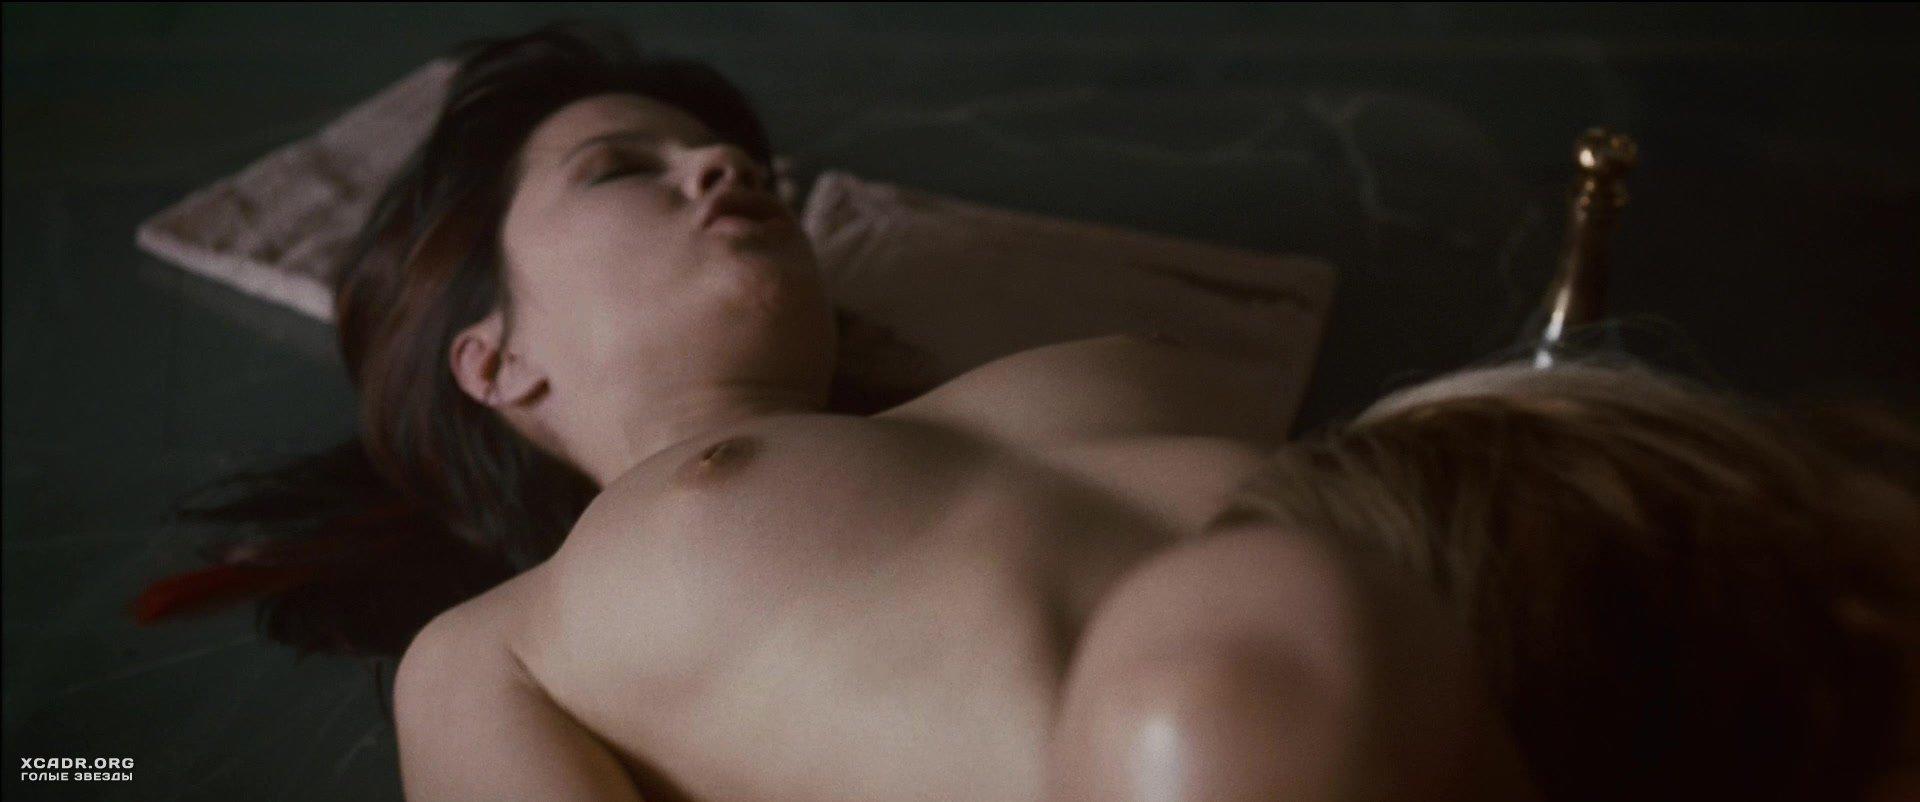 порно видео натасия мальте